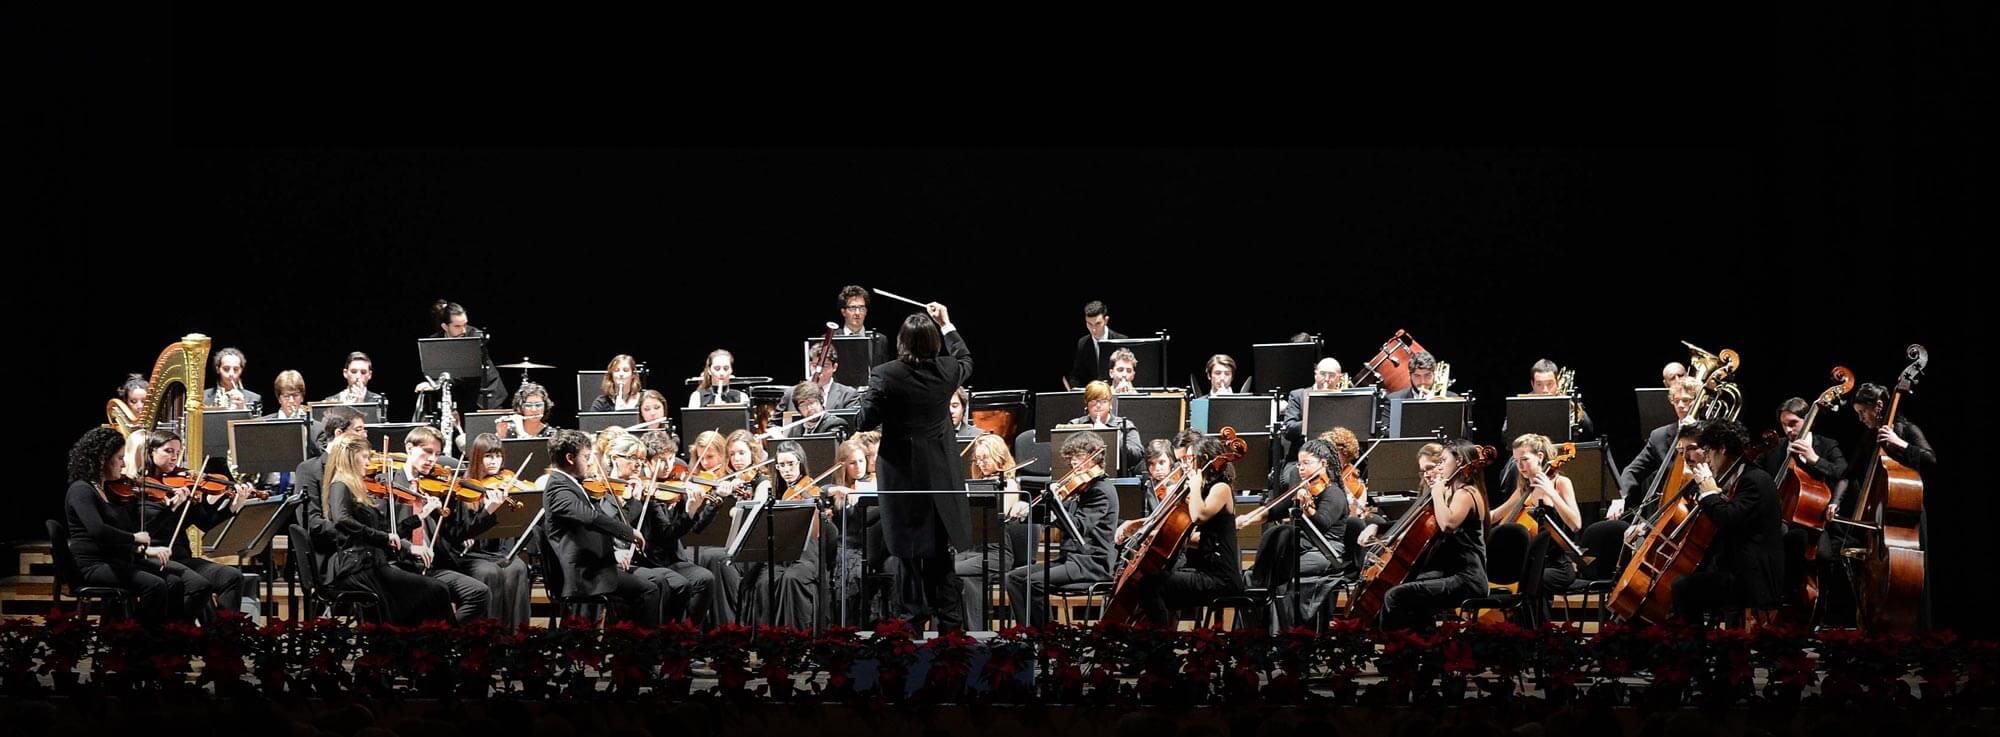 Brindisi: Gran concerto di inizio anno